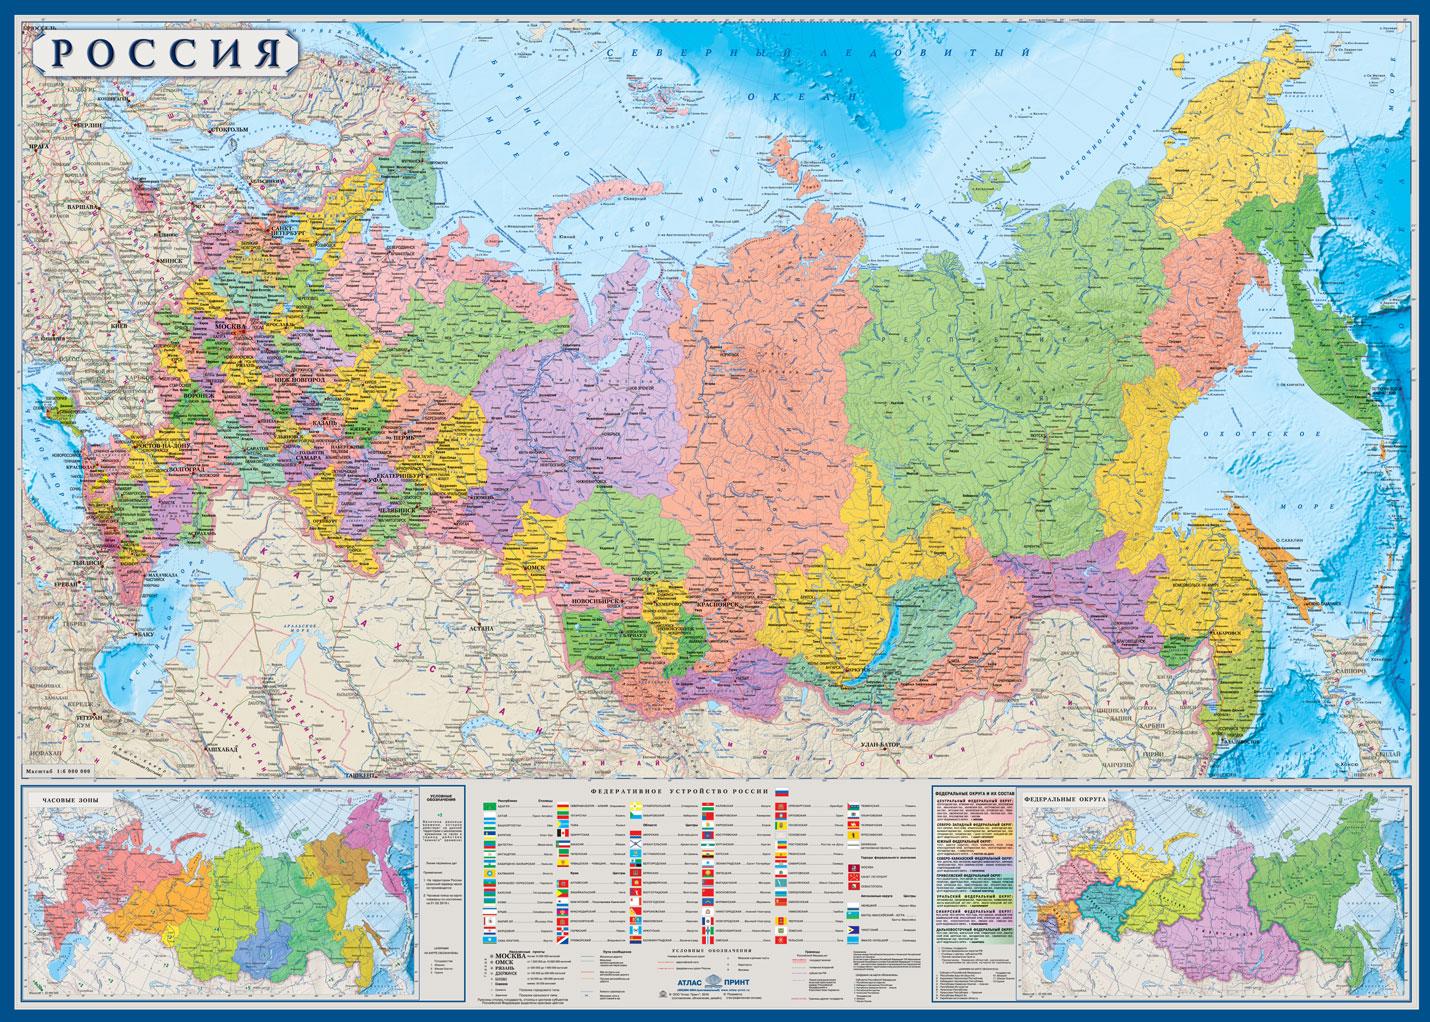 Настенная политико-административная карта России 1,43*1,02м., ламинированная